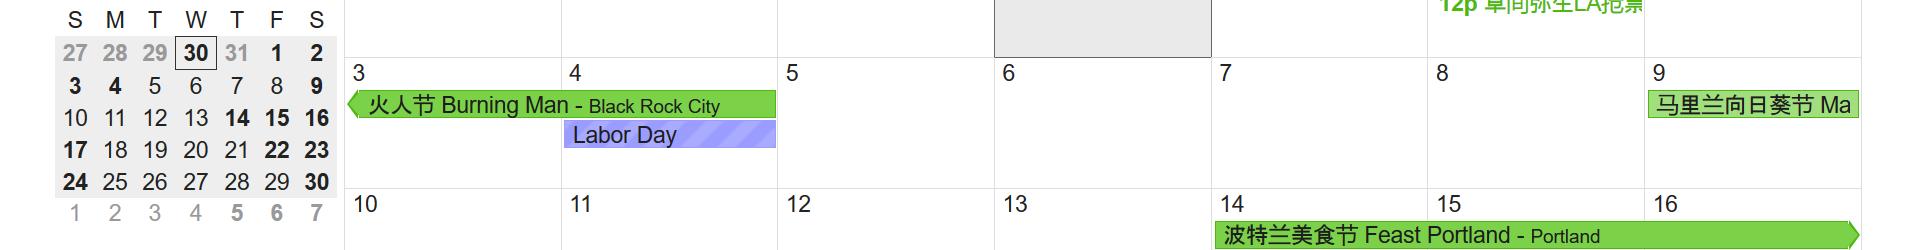 寻找神奇风景的你,怎么能少了这份日历?